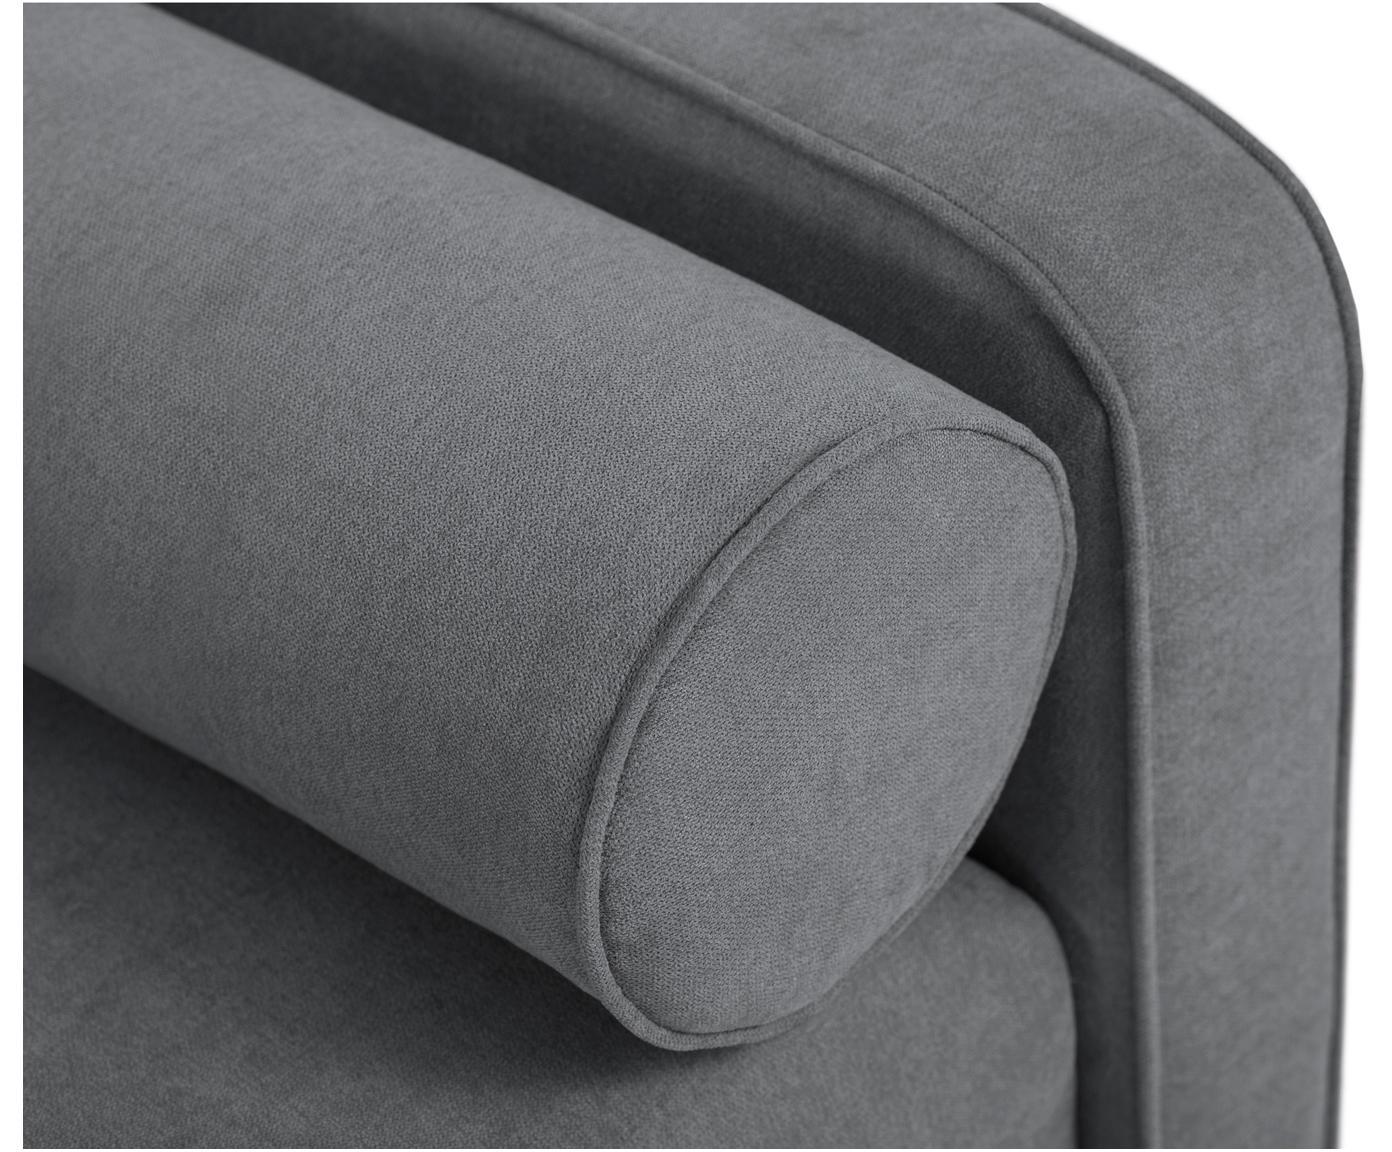 Sofa rozkładana z aksamitu Alessia (3-osobowa), Tapicerka: poliester, Nogi: drewno bukowe, lakierowan, Ciemny szary, S 212 x G 93 cm